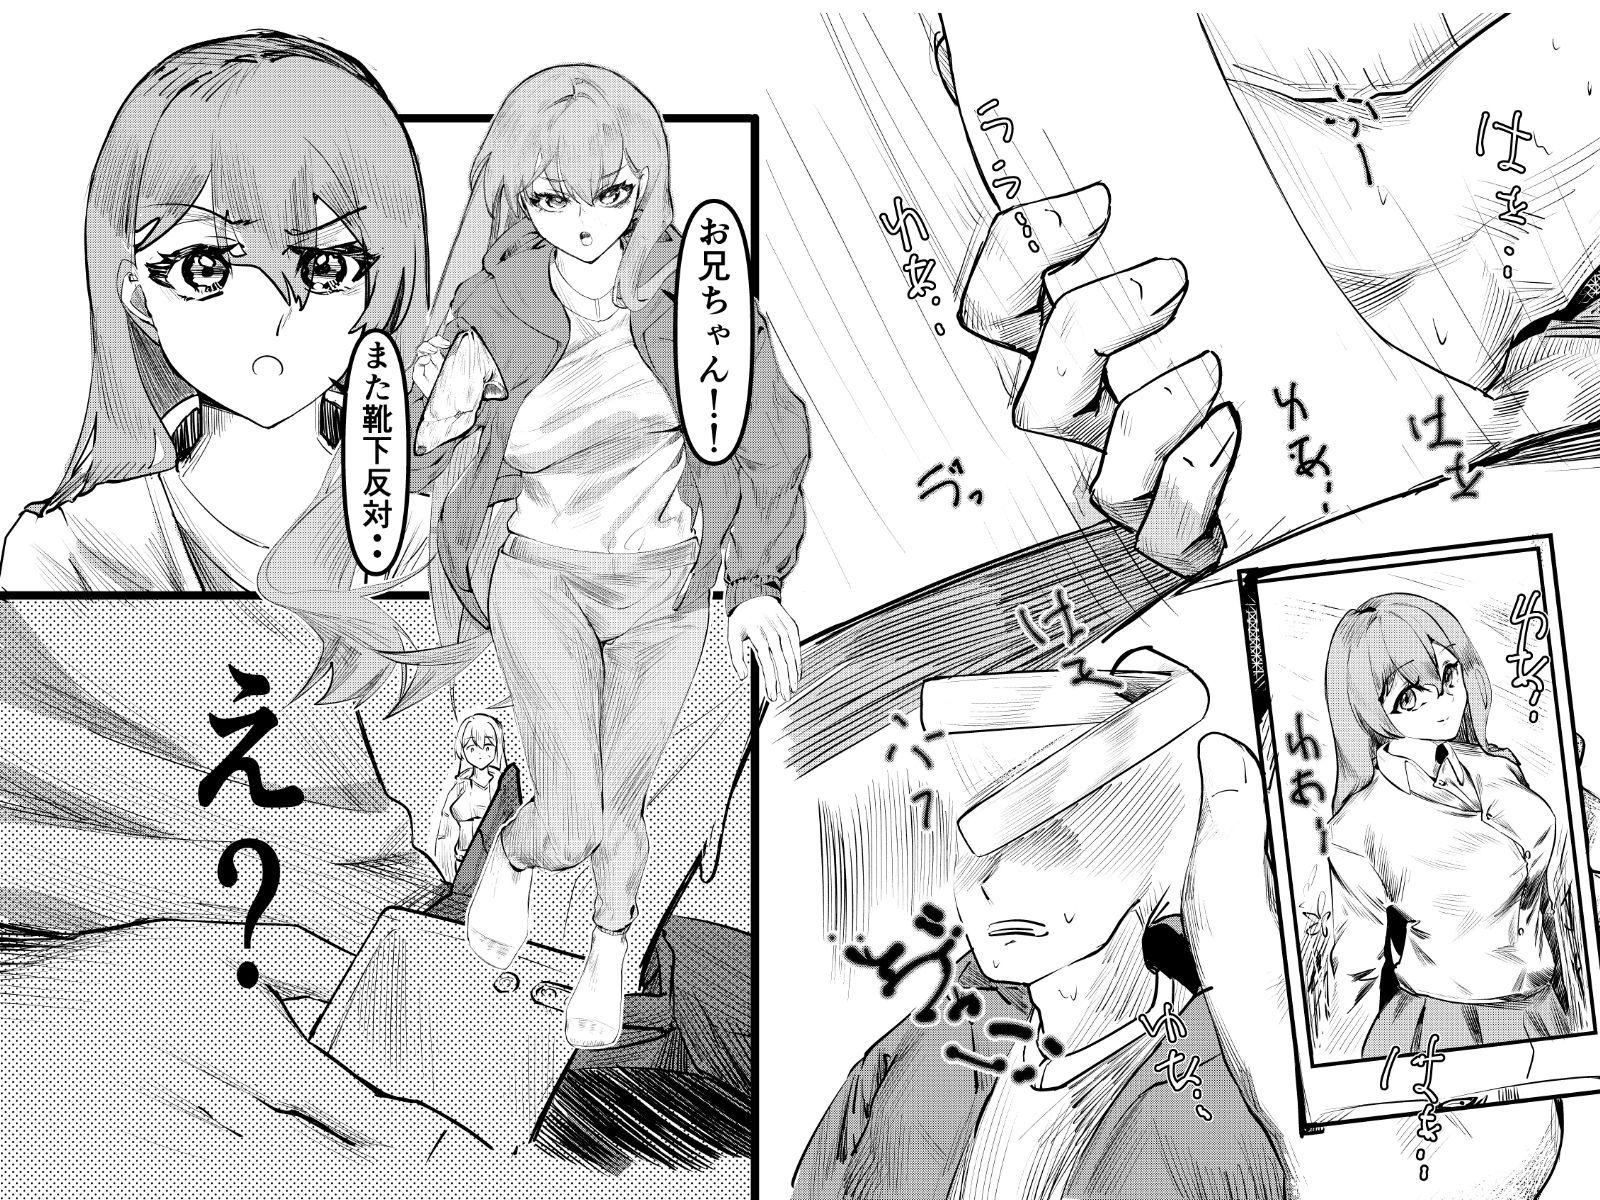 サンプル画像0:妹にオナニー見られた!?(frydaybrand) [d_196775]